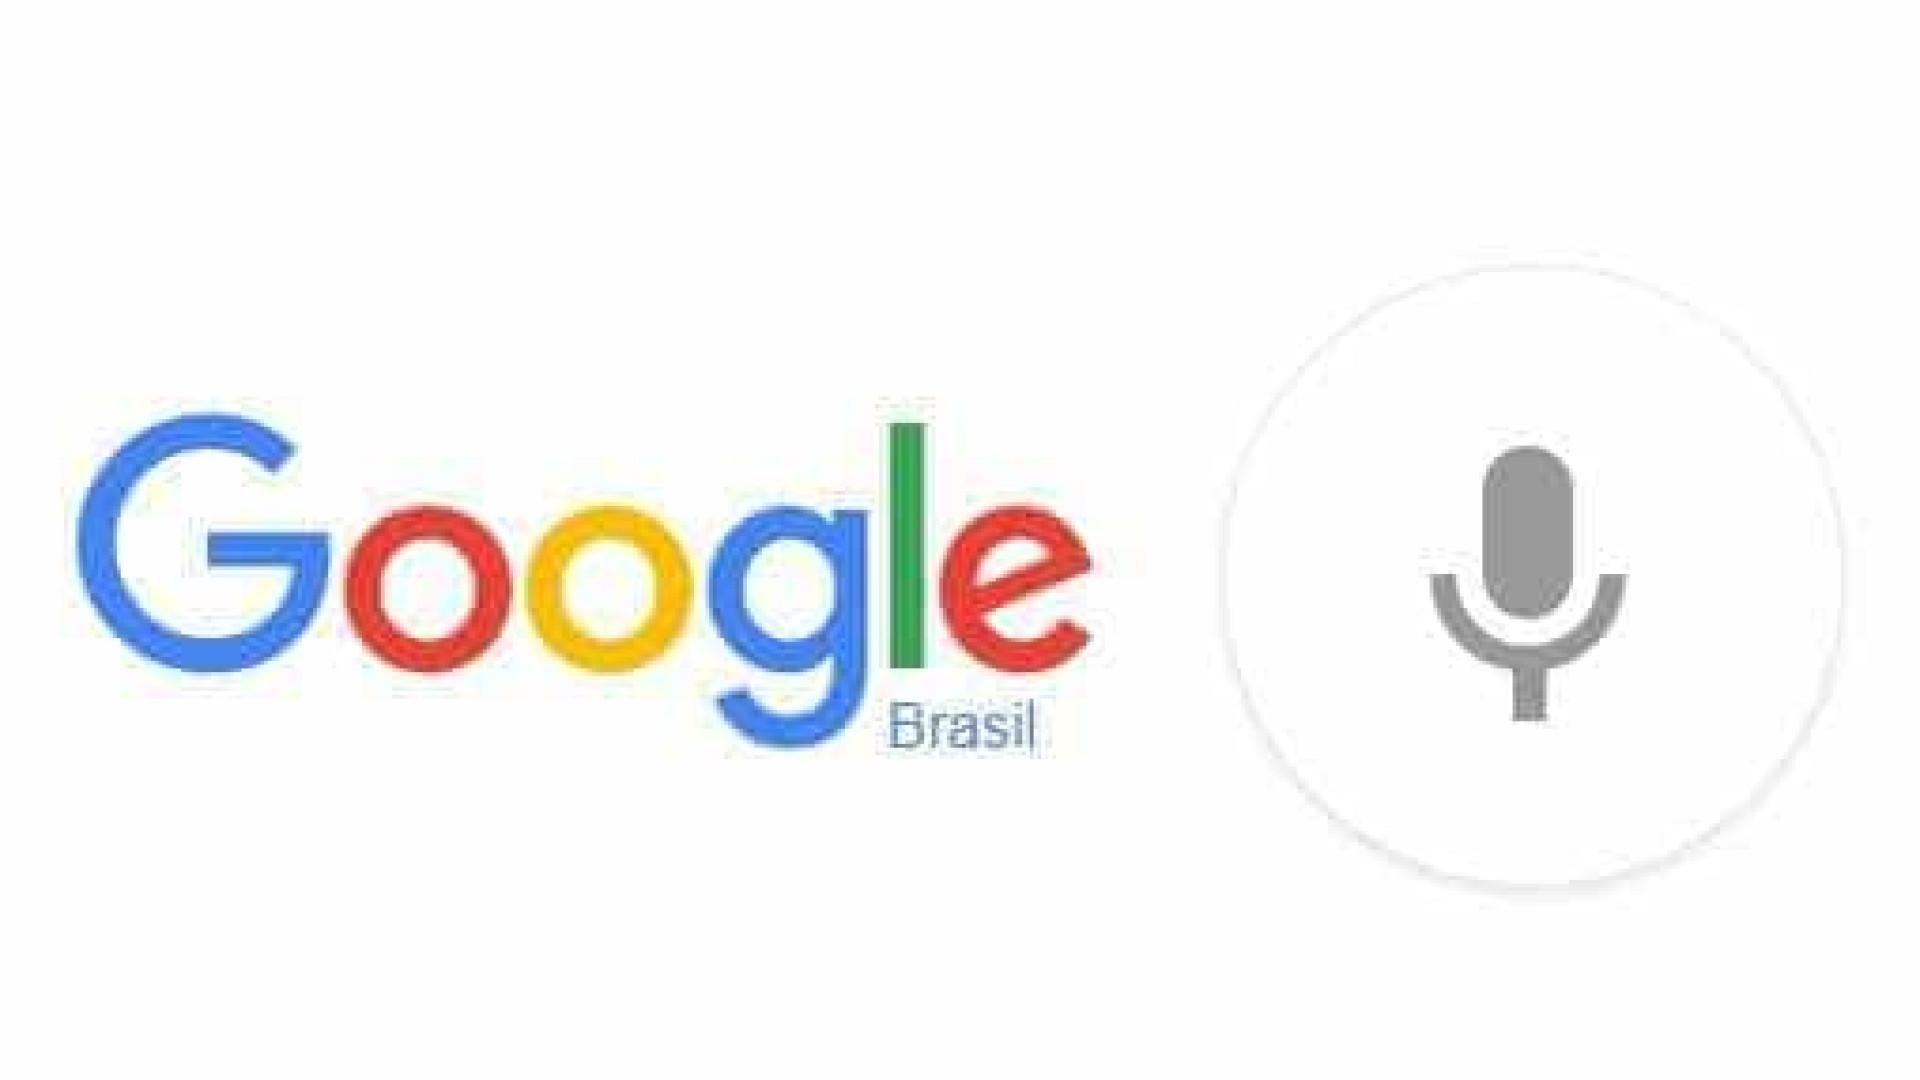 Assistente do Google terá versão em português ainda em 2017